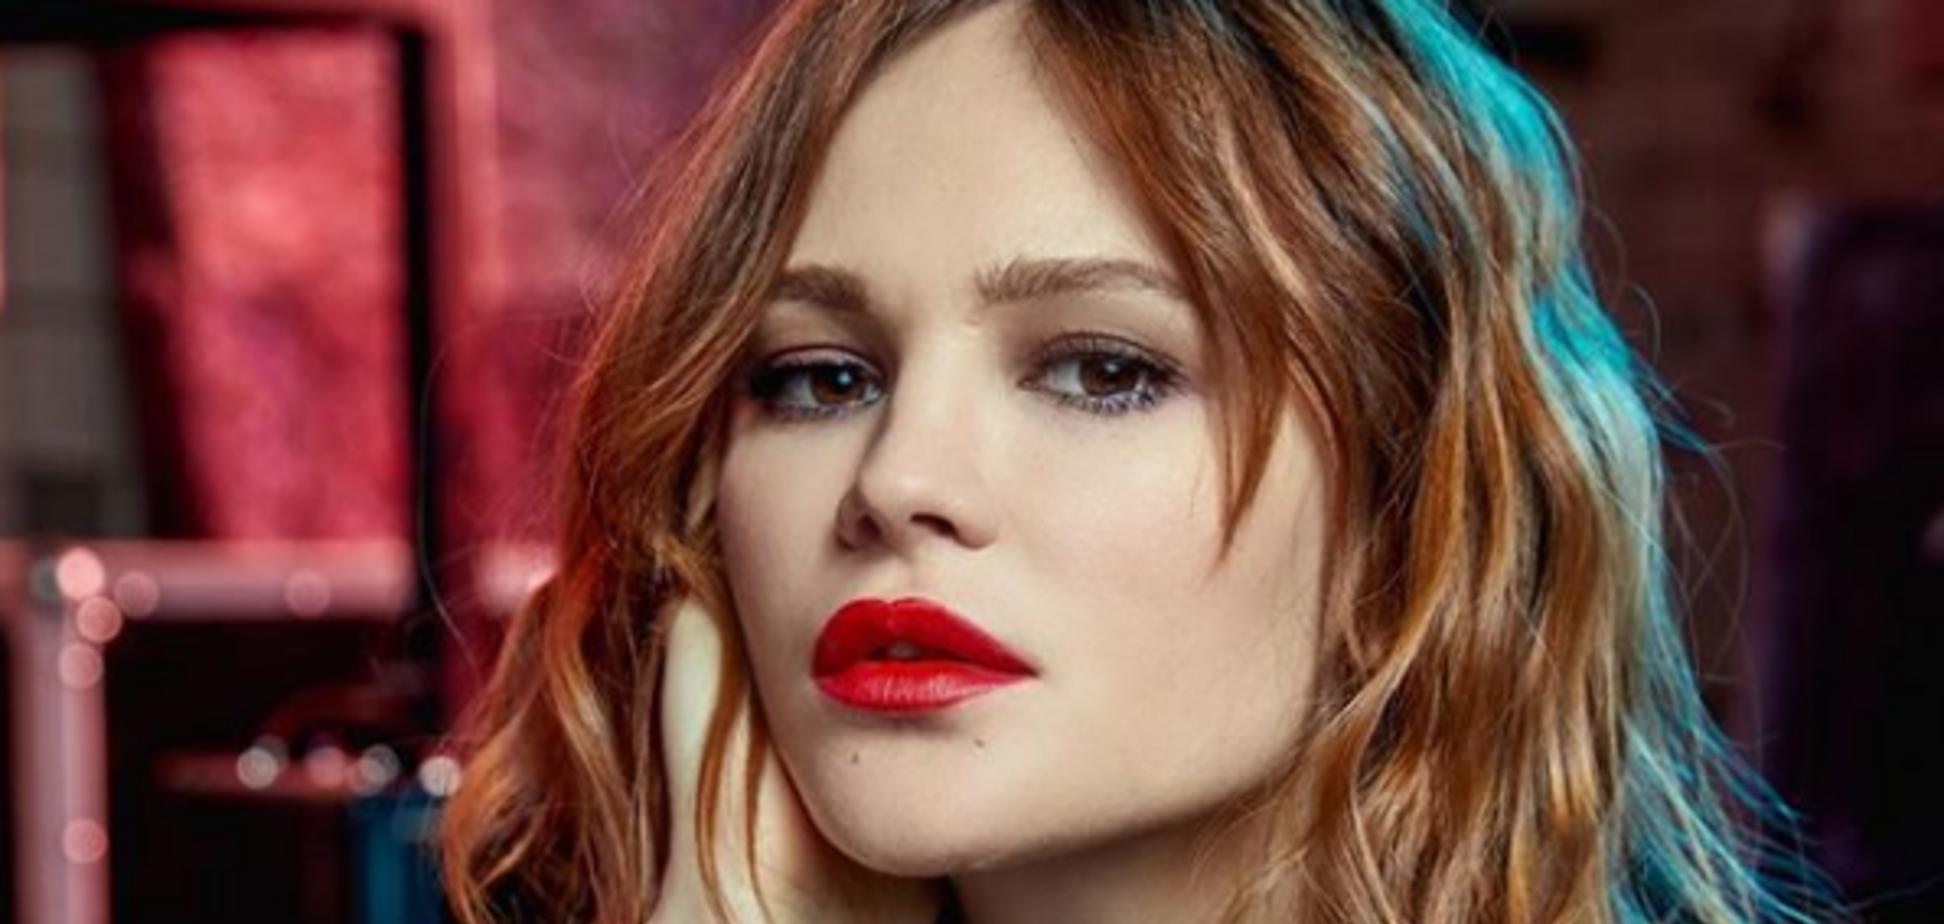 Гаряче і сексуально: добірка відвертих фото зірки 'Любовь в большом городе'